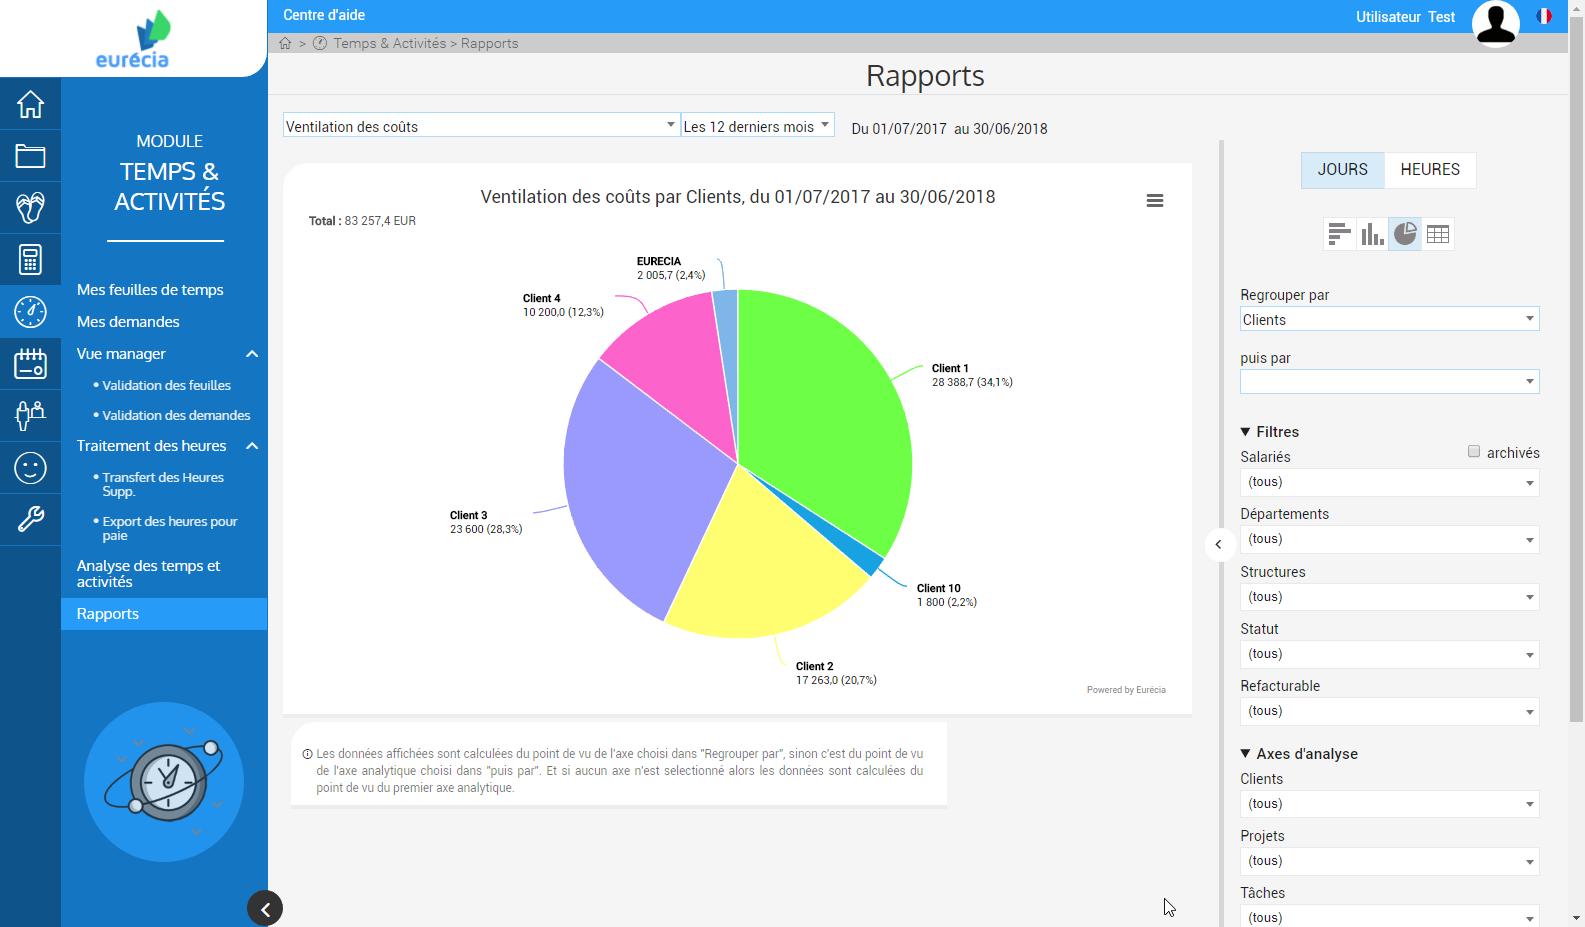 Module de gestion Temps & Activités : reporting et tableau de bord